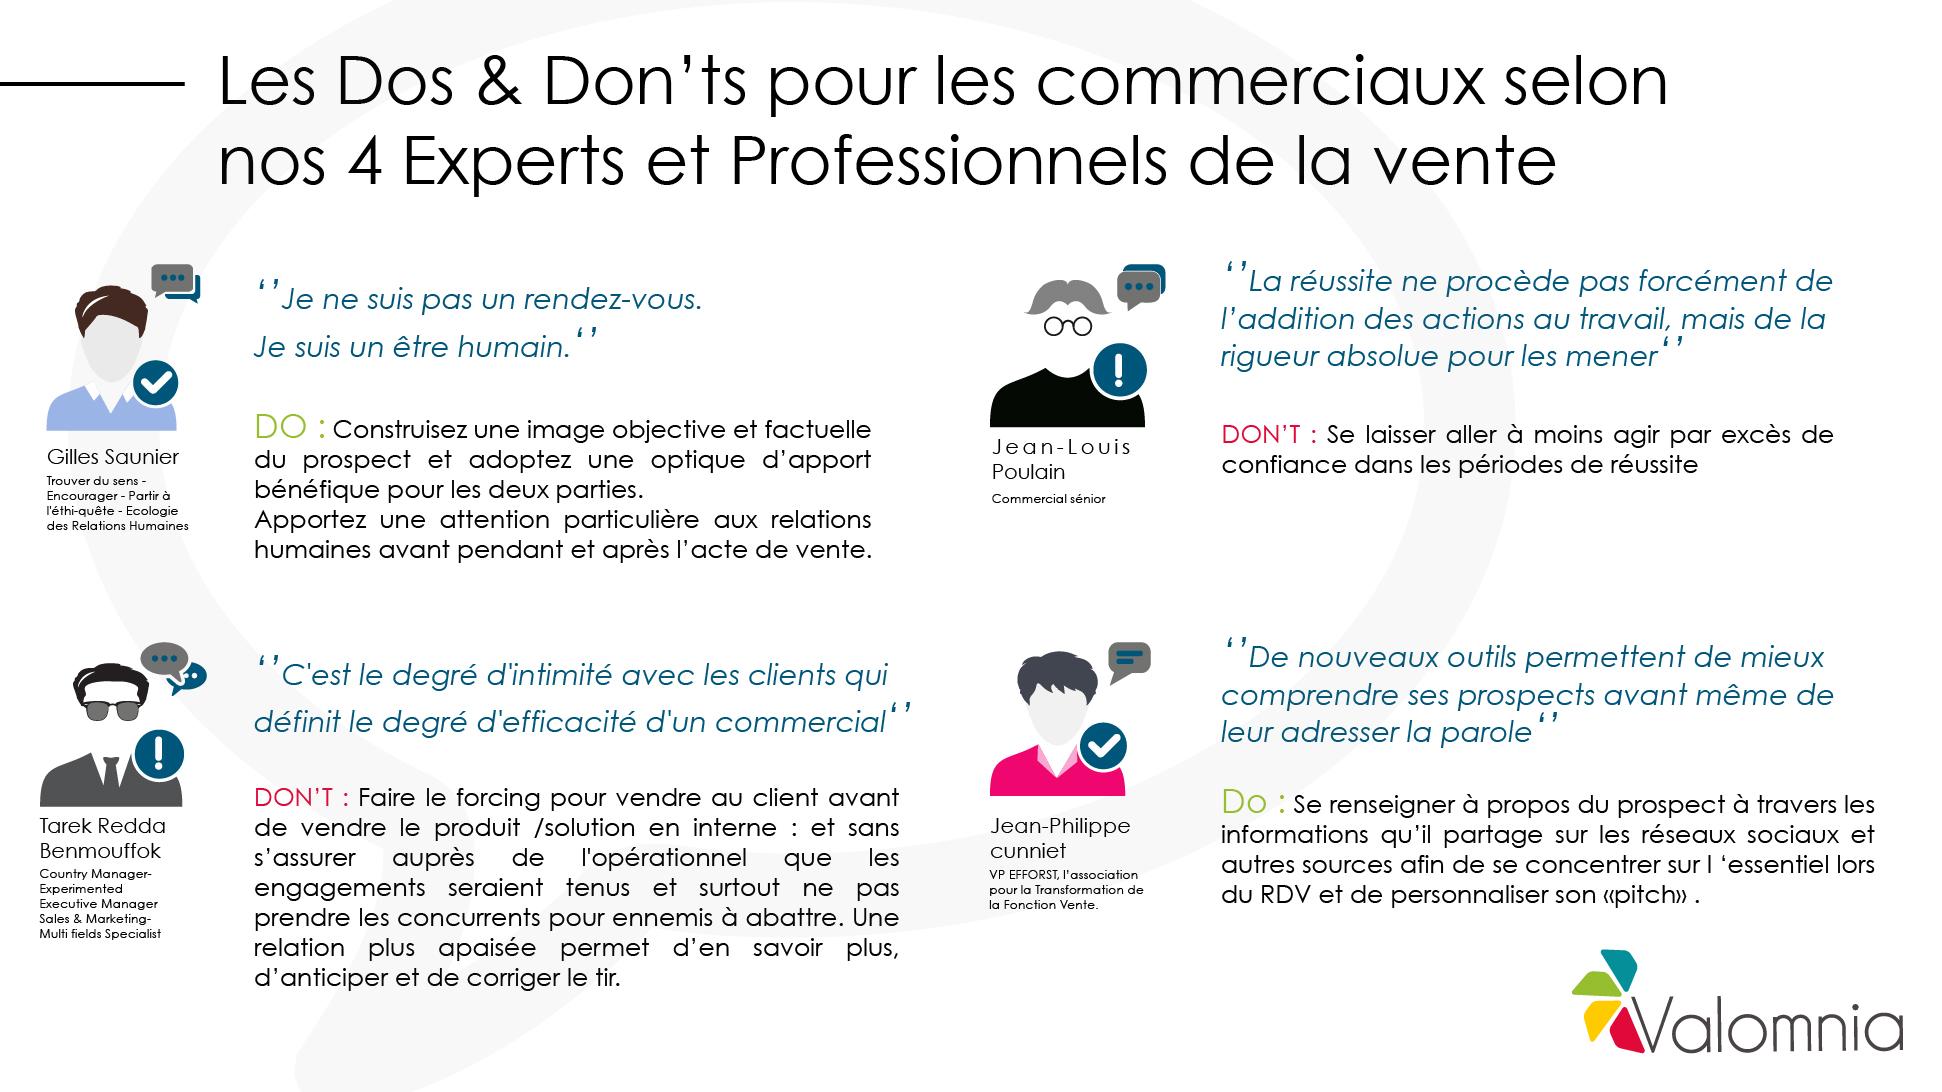 les-dos-donts-pour-les-commerciaux-selon-nos-4-expert-et-professionnels-de-la-vente-01-2